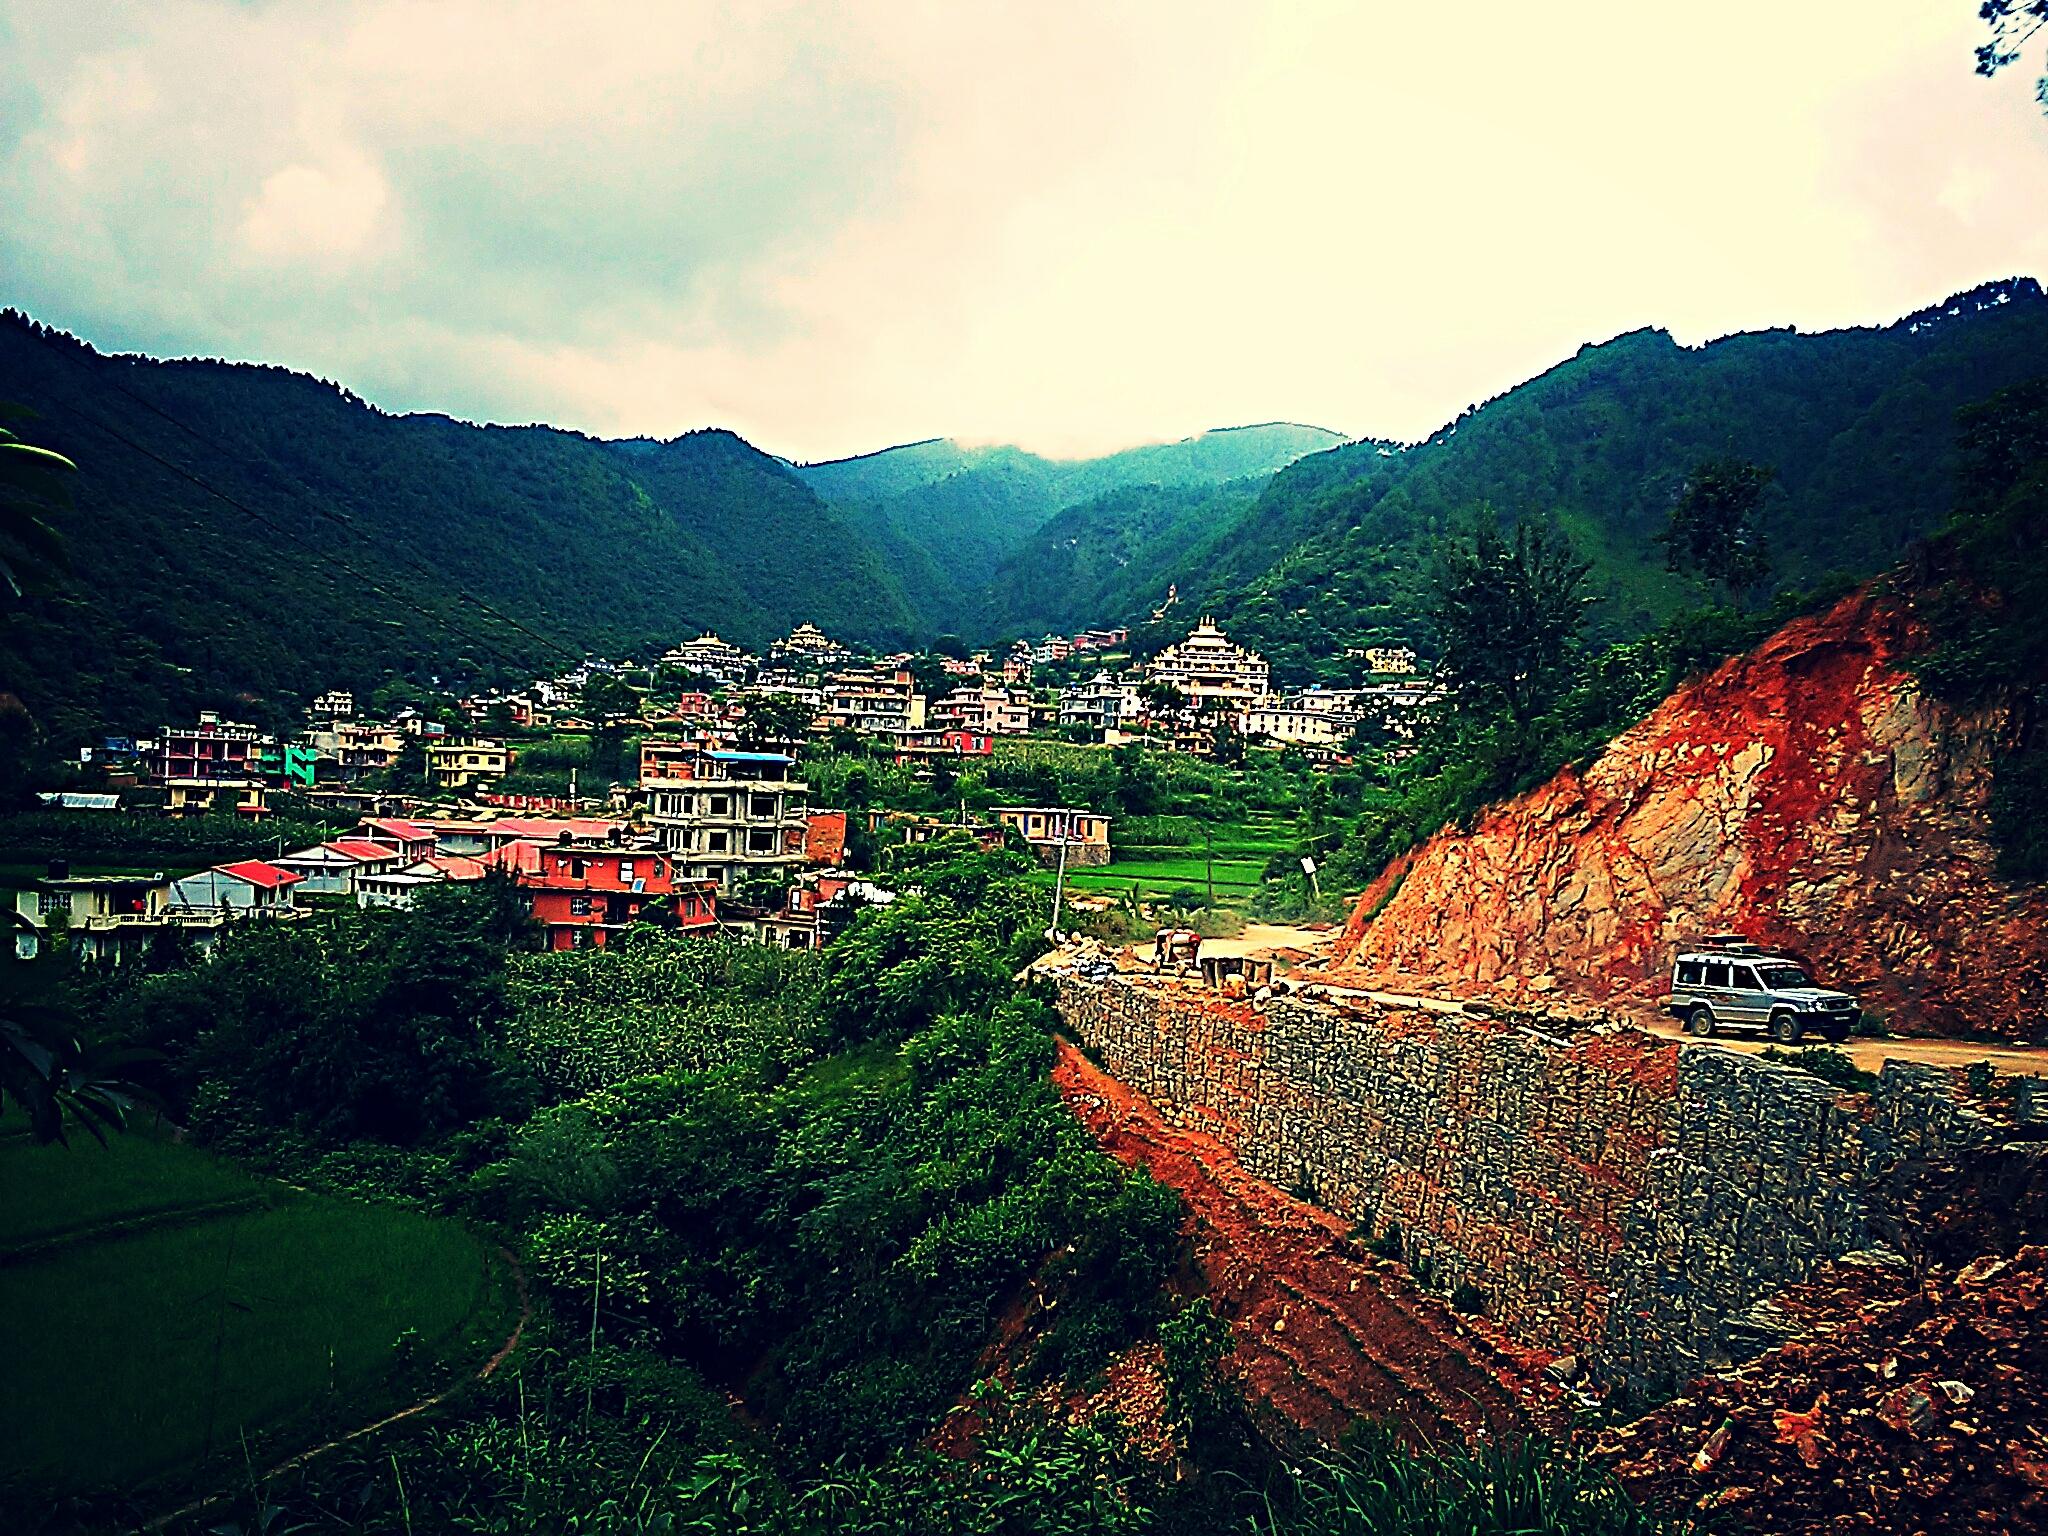 チベット仏教の始祖グル・リンポチェが瞑想した洞窟があるファルピンに行ってみた!